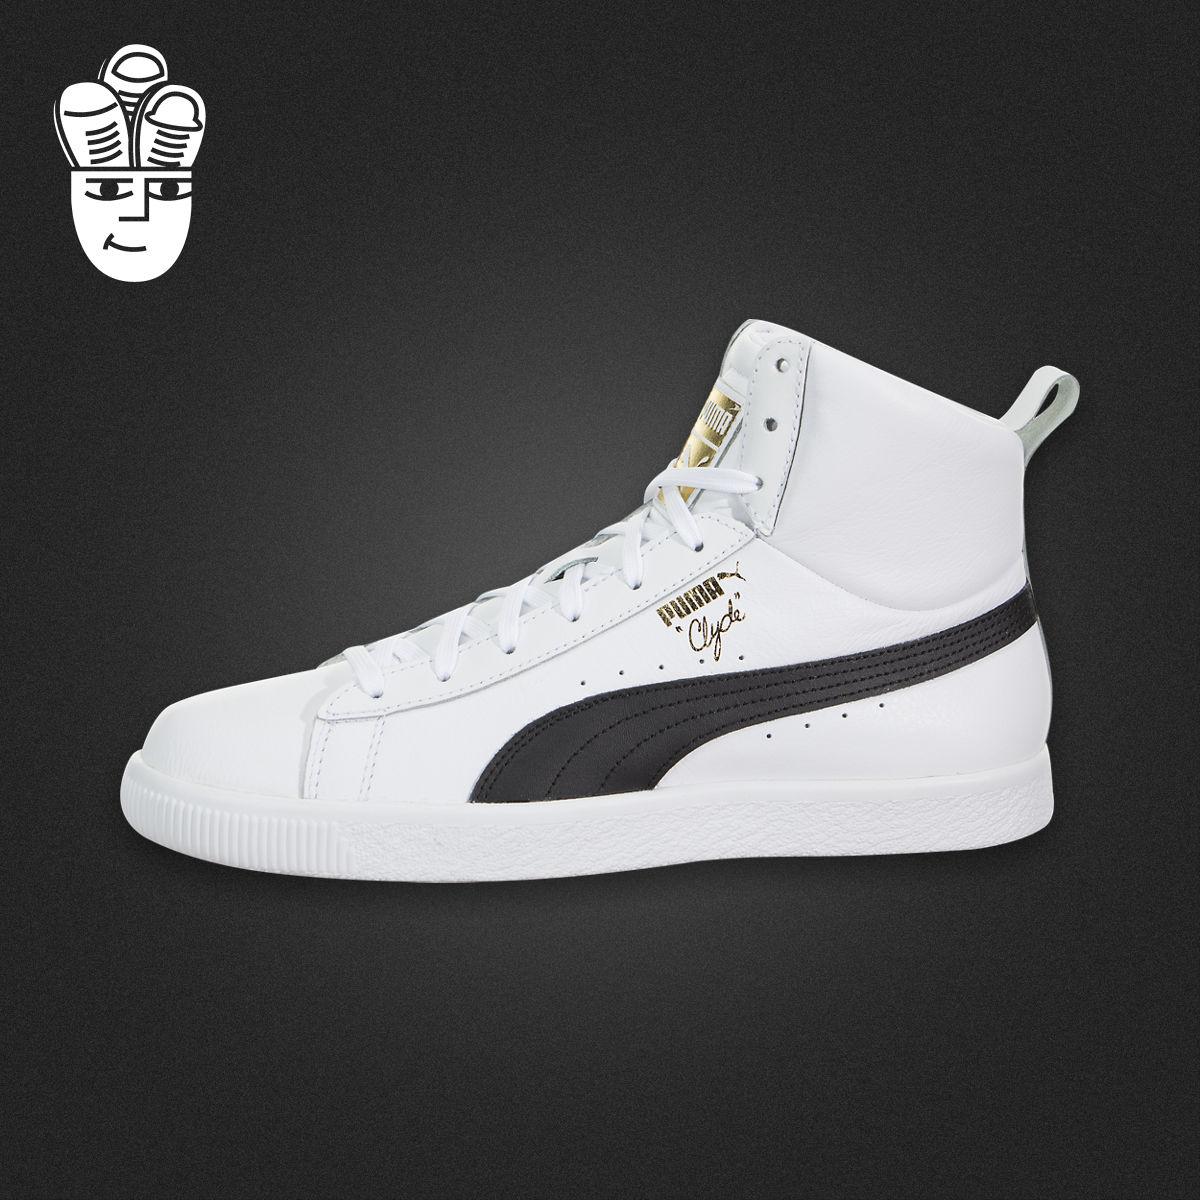 Puma Clyde Mid Core Foil 彪马男鞋 运动休闲鞋 高帮板鞋